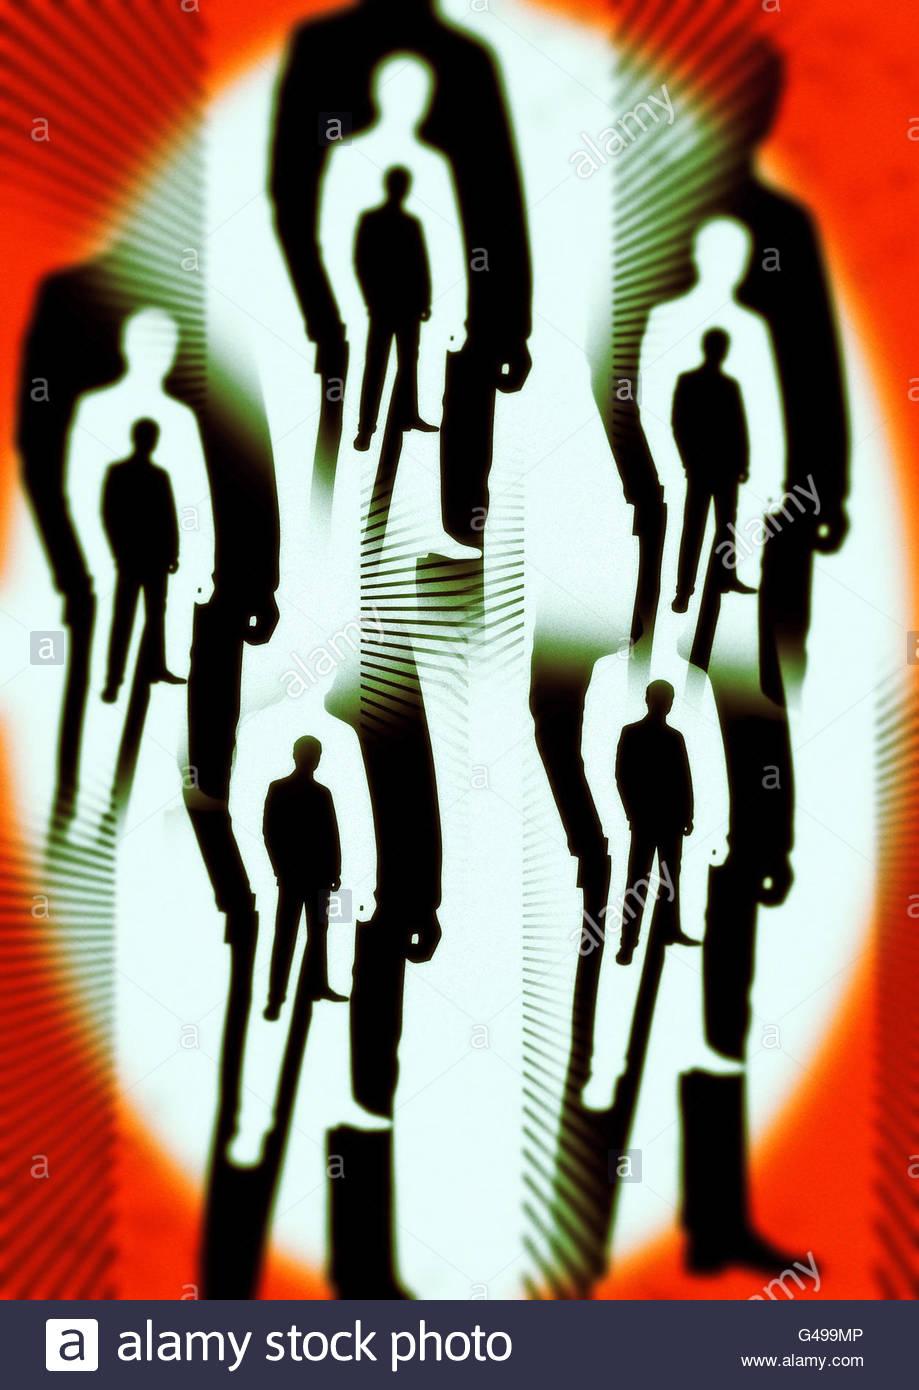 Os homens na área preta 51 Conspiração de roswell ilustração Imagens de Stock